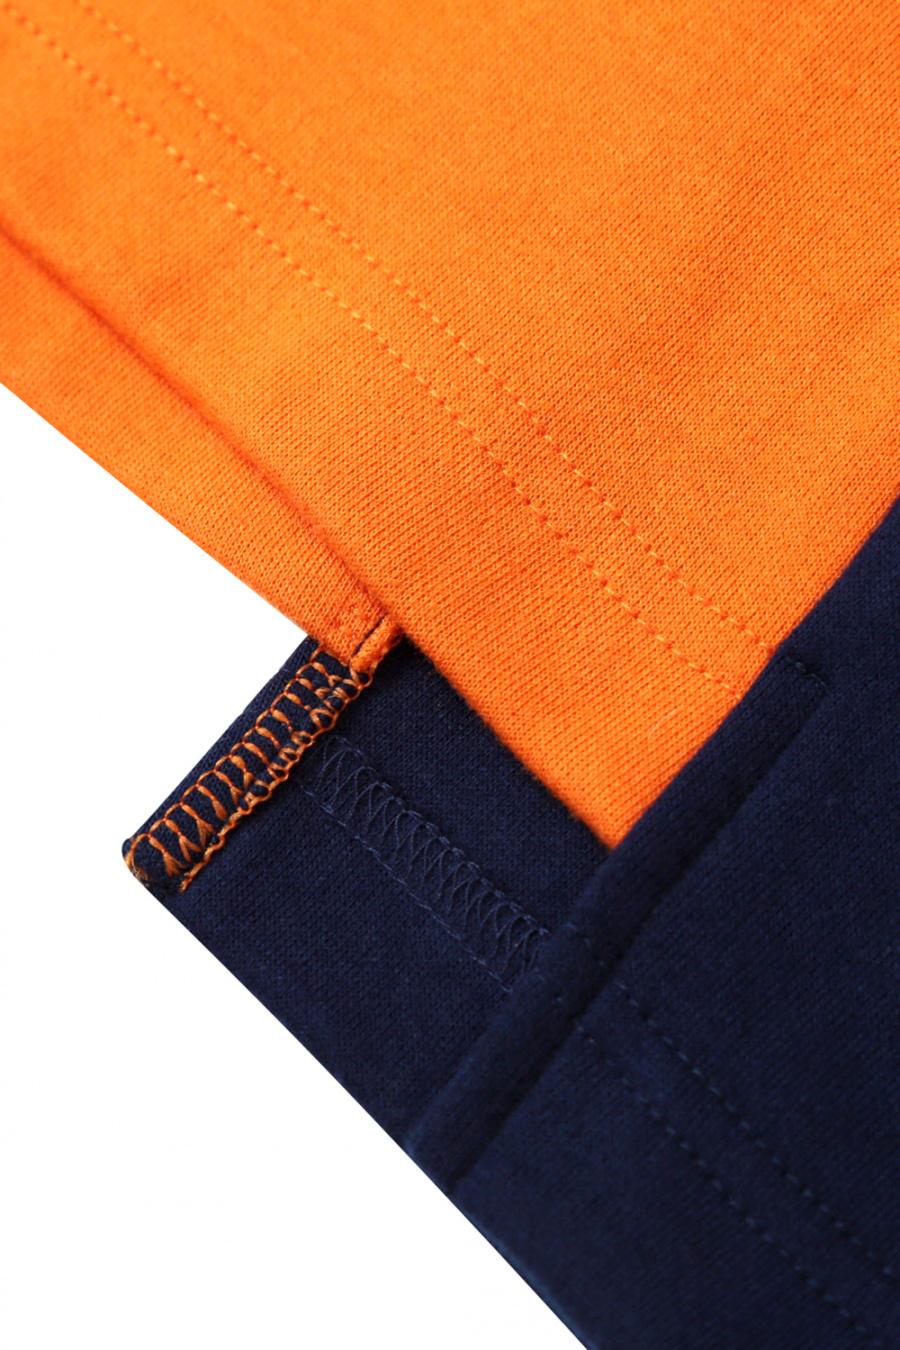 알디브이제트(RDVZ) 언발란스 블록 티셔츠 오렌지